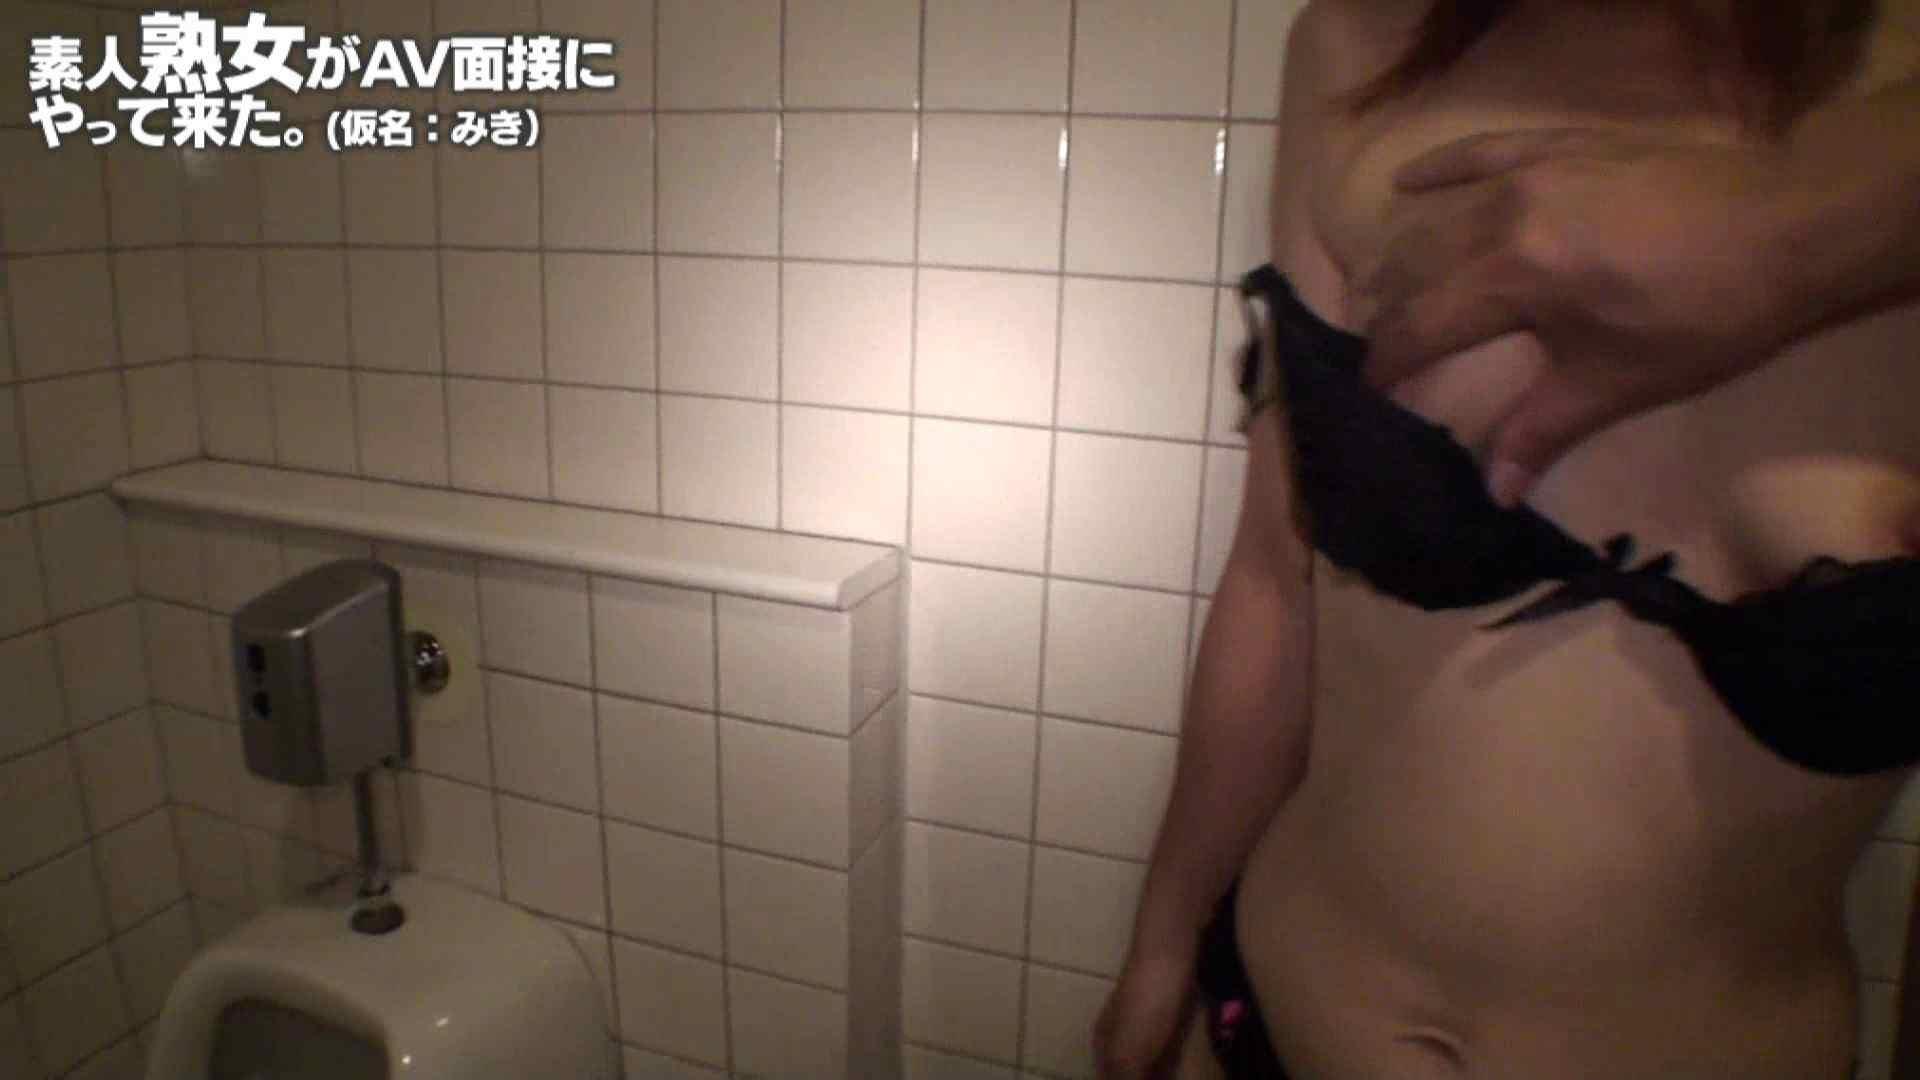 素人熟女がAV面接にやってきた (熟女)みきさんVOL.03 洗面所 のぞき動画キャプチャ 105pic 59